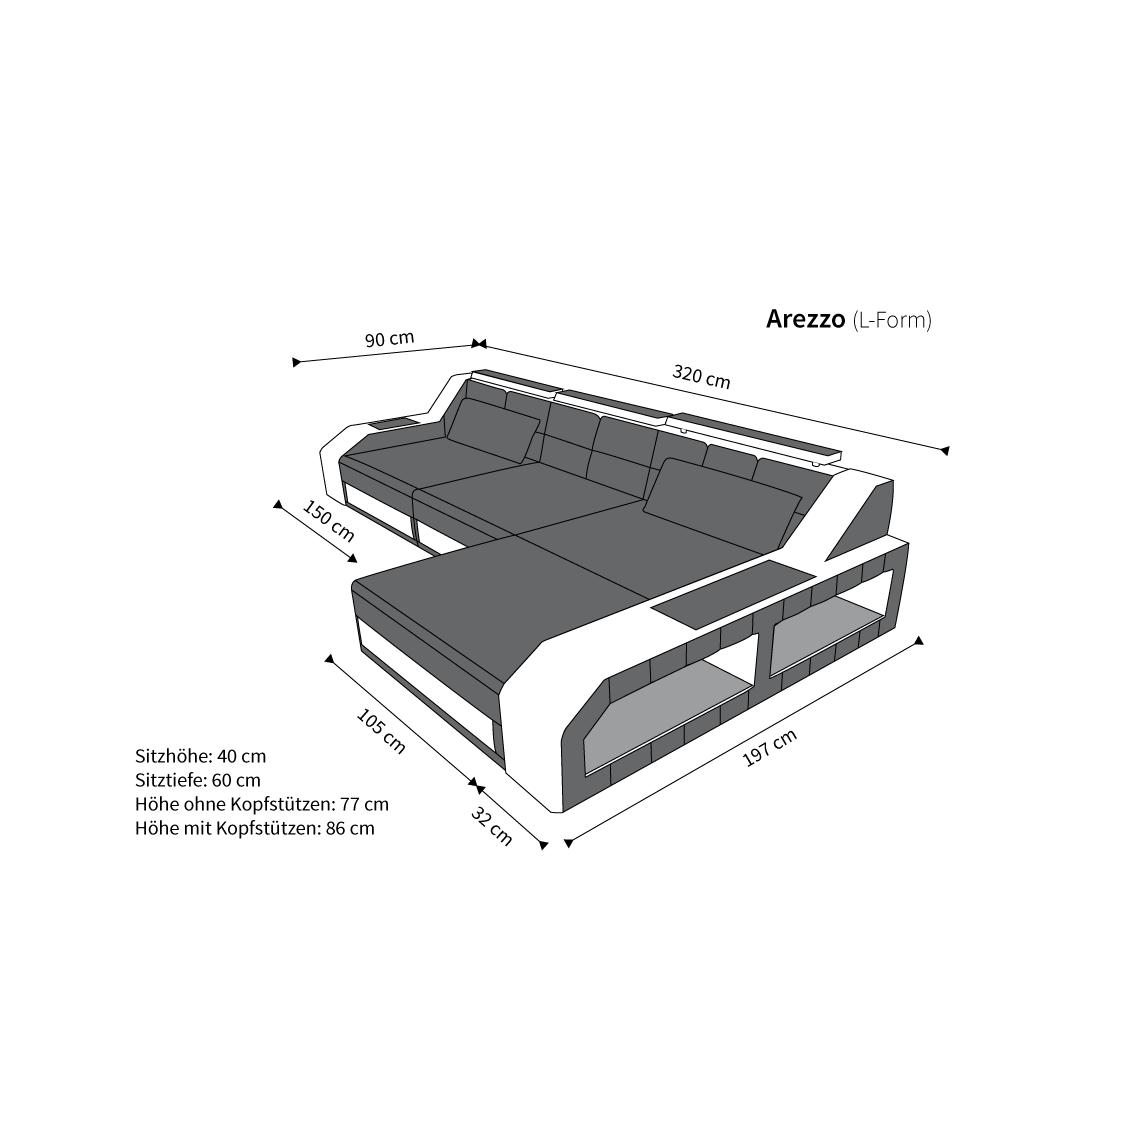 design ledersofa arezzo led l form kaufen bei pmr handelsgesellschaft mbh. Black Bedroom Furniture Sets. Home Design Ideas